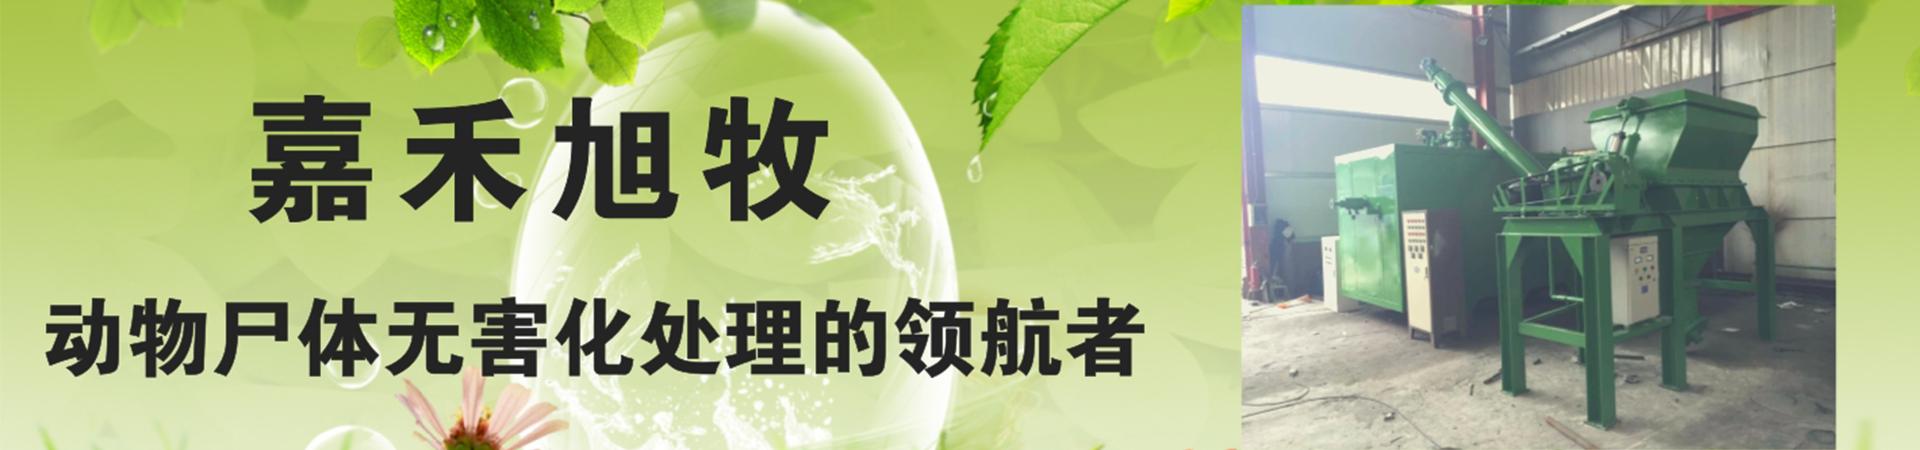 北京嘉禾旭牧科技ballbet贝博app下载ios公司介绍